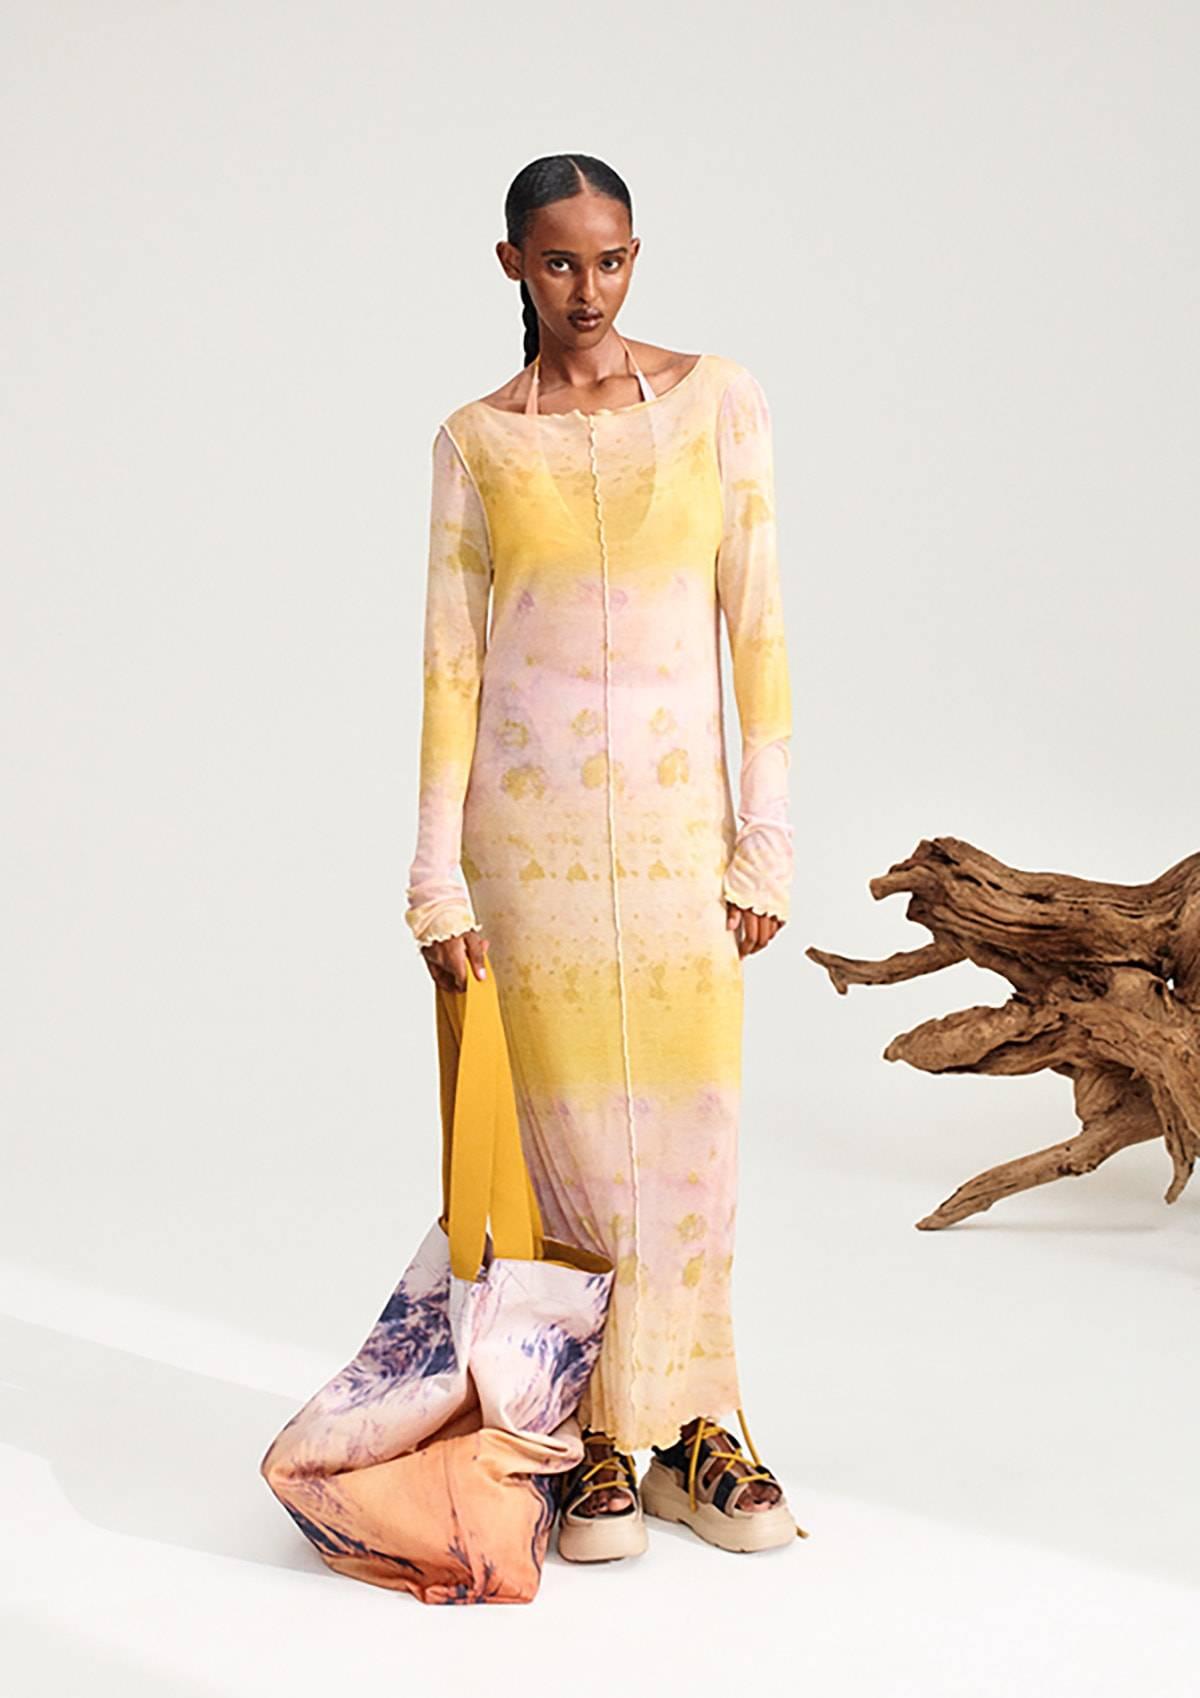 """Pigmentos naturales, biotecnología e impresión digital: H&M lleva la sostenibilidad al """"teñido"""" de sus prendas"""